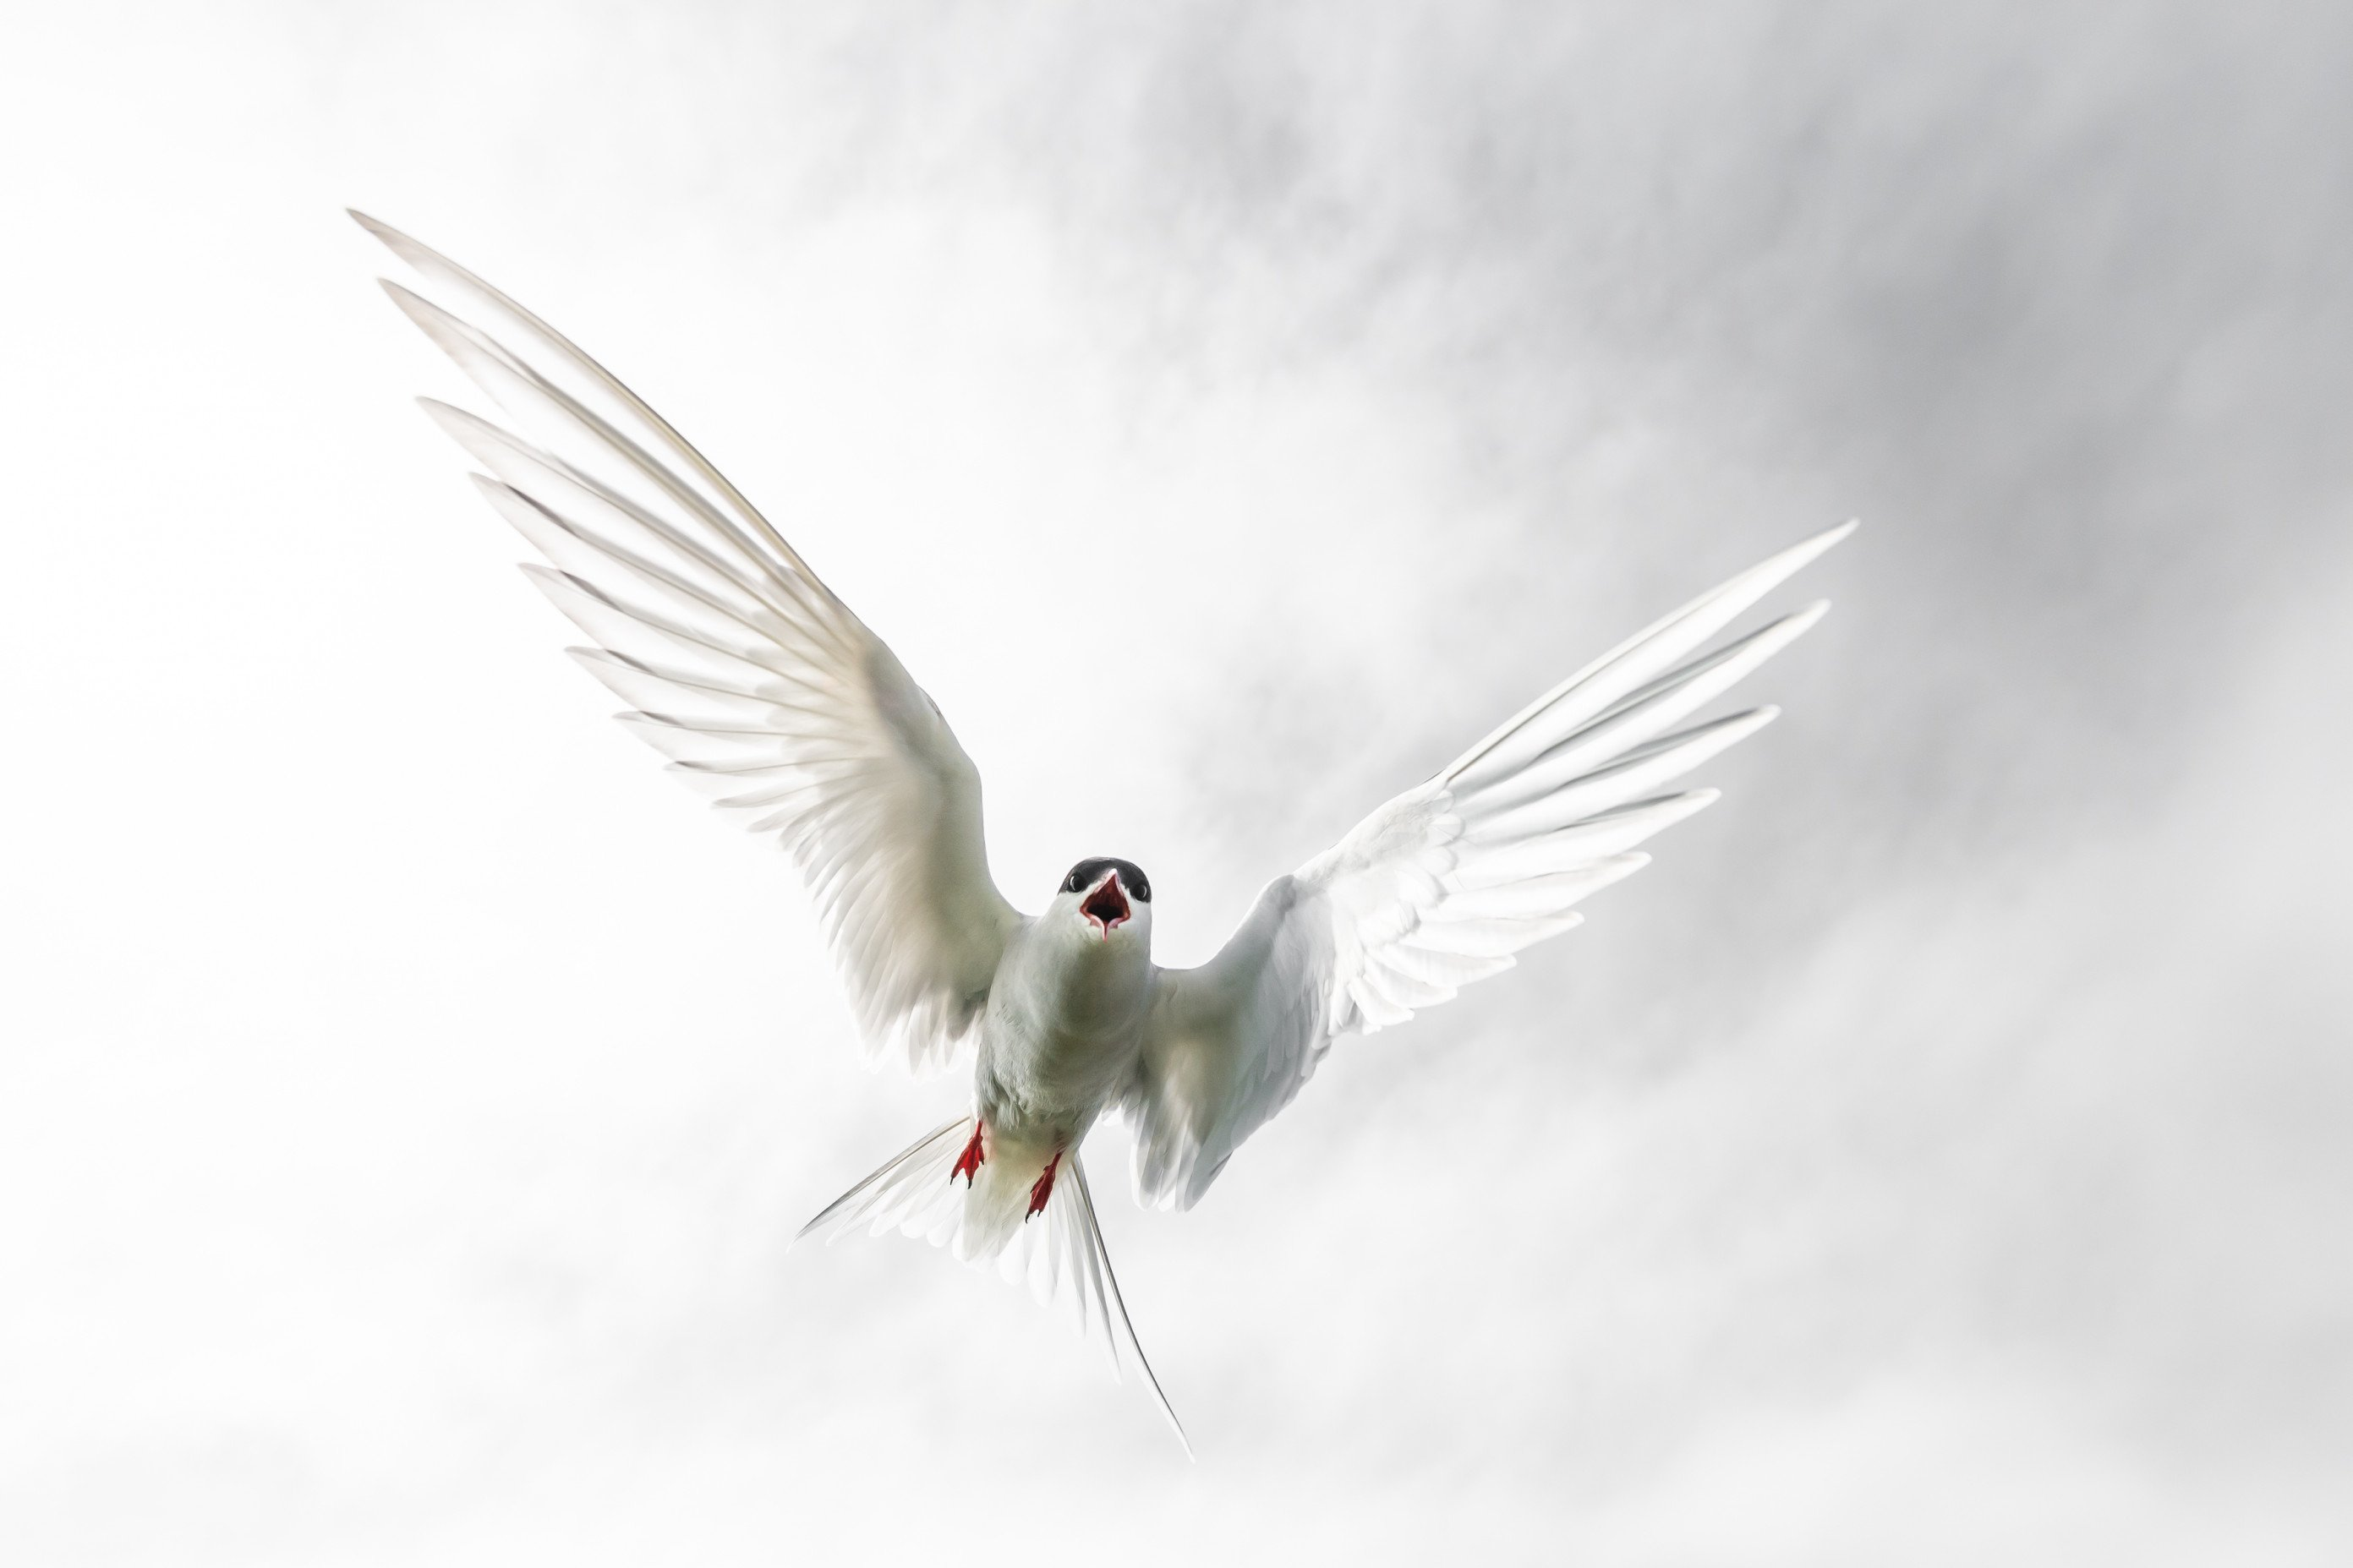 vogels farne 4332